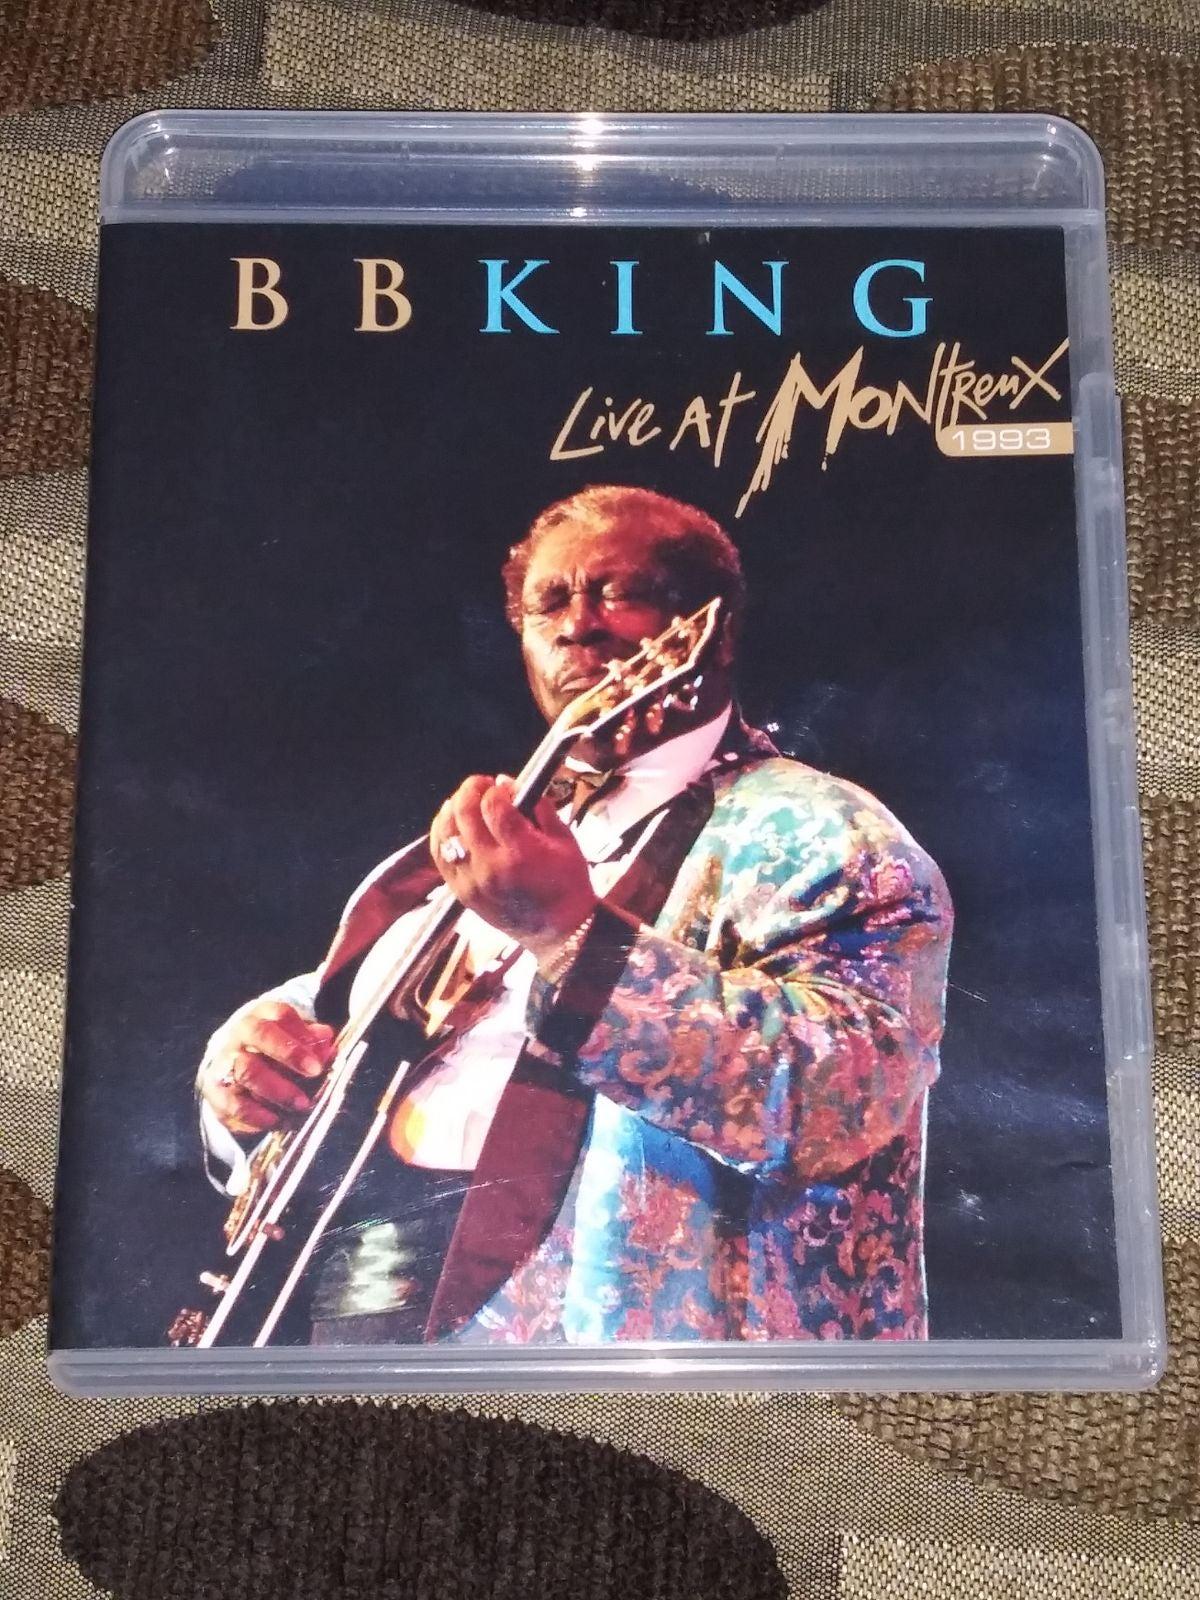 b.b. king live dvd 1993